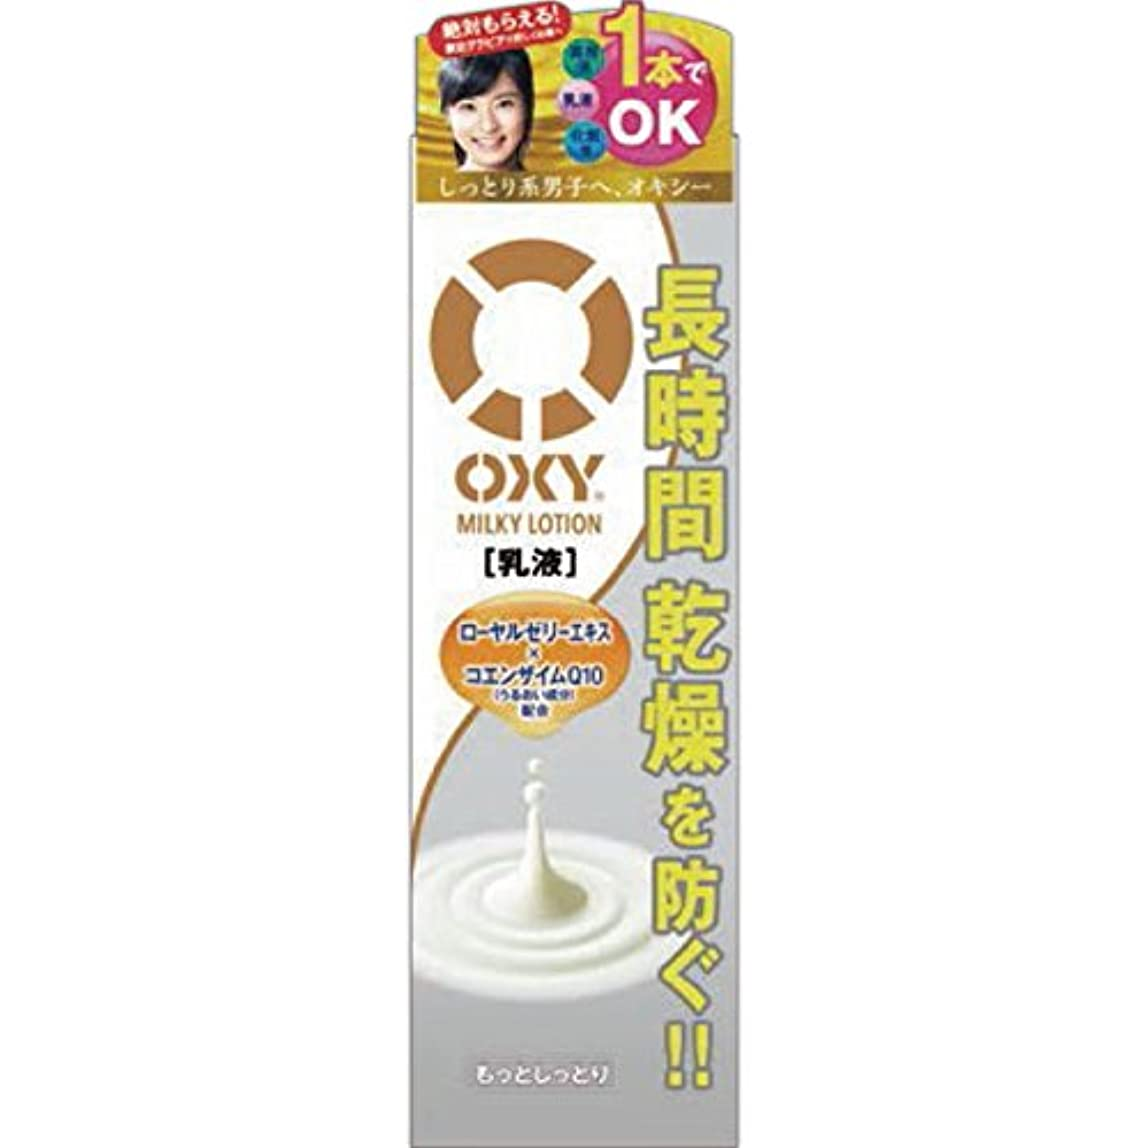 辛い視力以来オキシー (Oxy) ミルキーローション オールインワン乳液 スーパーヒアルロン酸×ローヤルゼリー配合 ゼラニウムの香 170mL